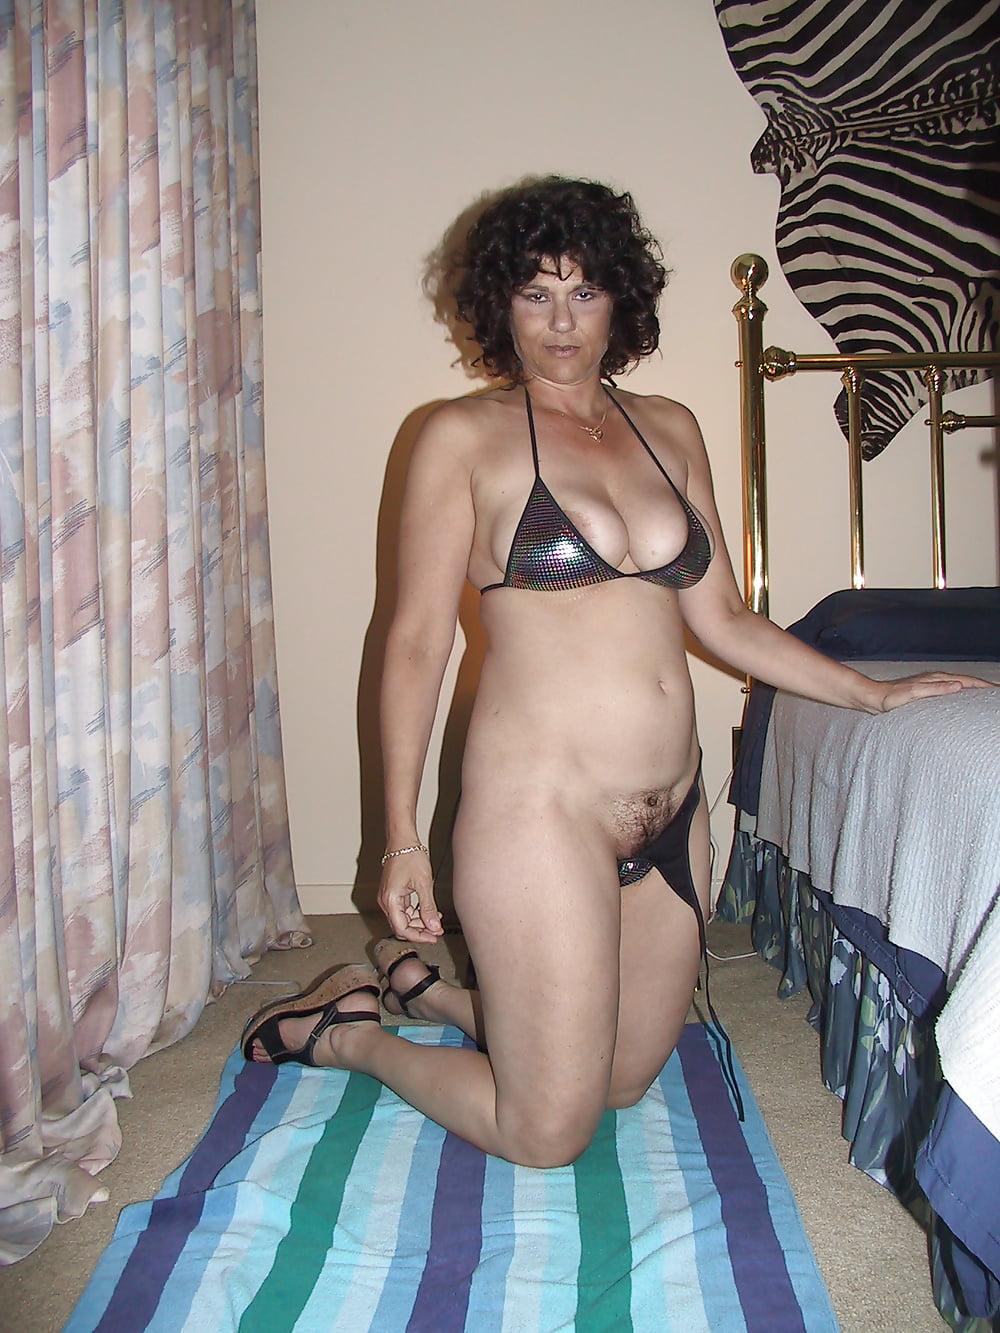 Garay recommends Evanna lynch sexy photos